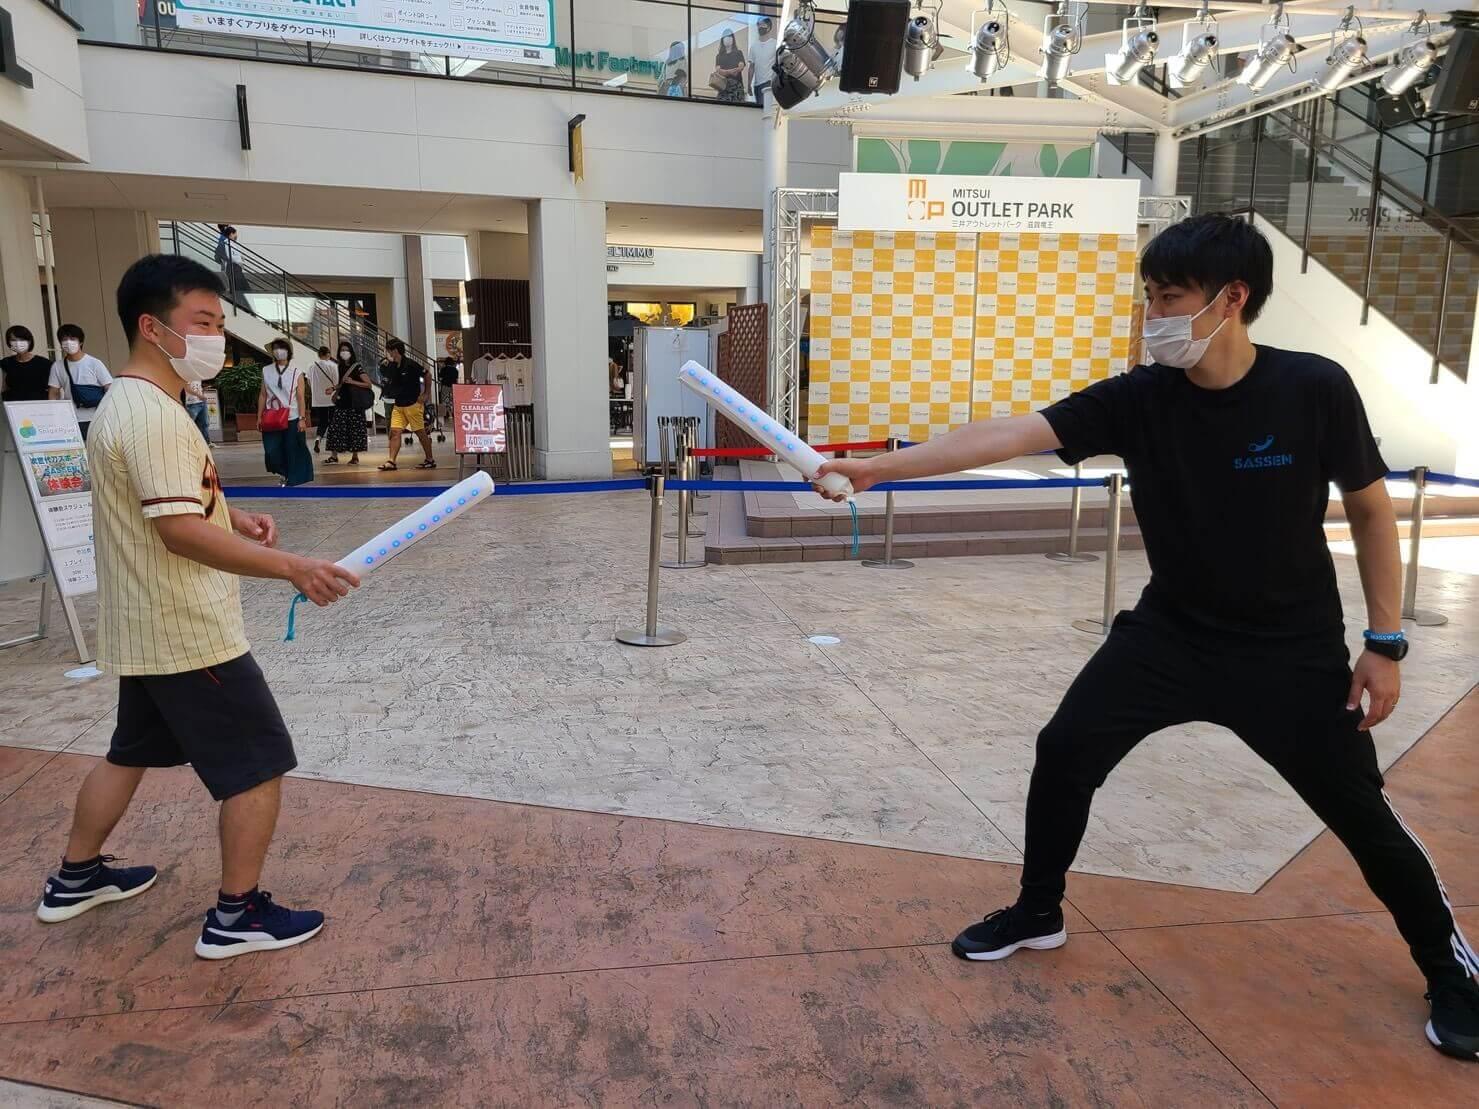 三井アウトレットパーク滋賀竜王 イベントスペースにてSASSEN体験会を実施